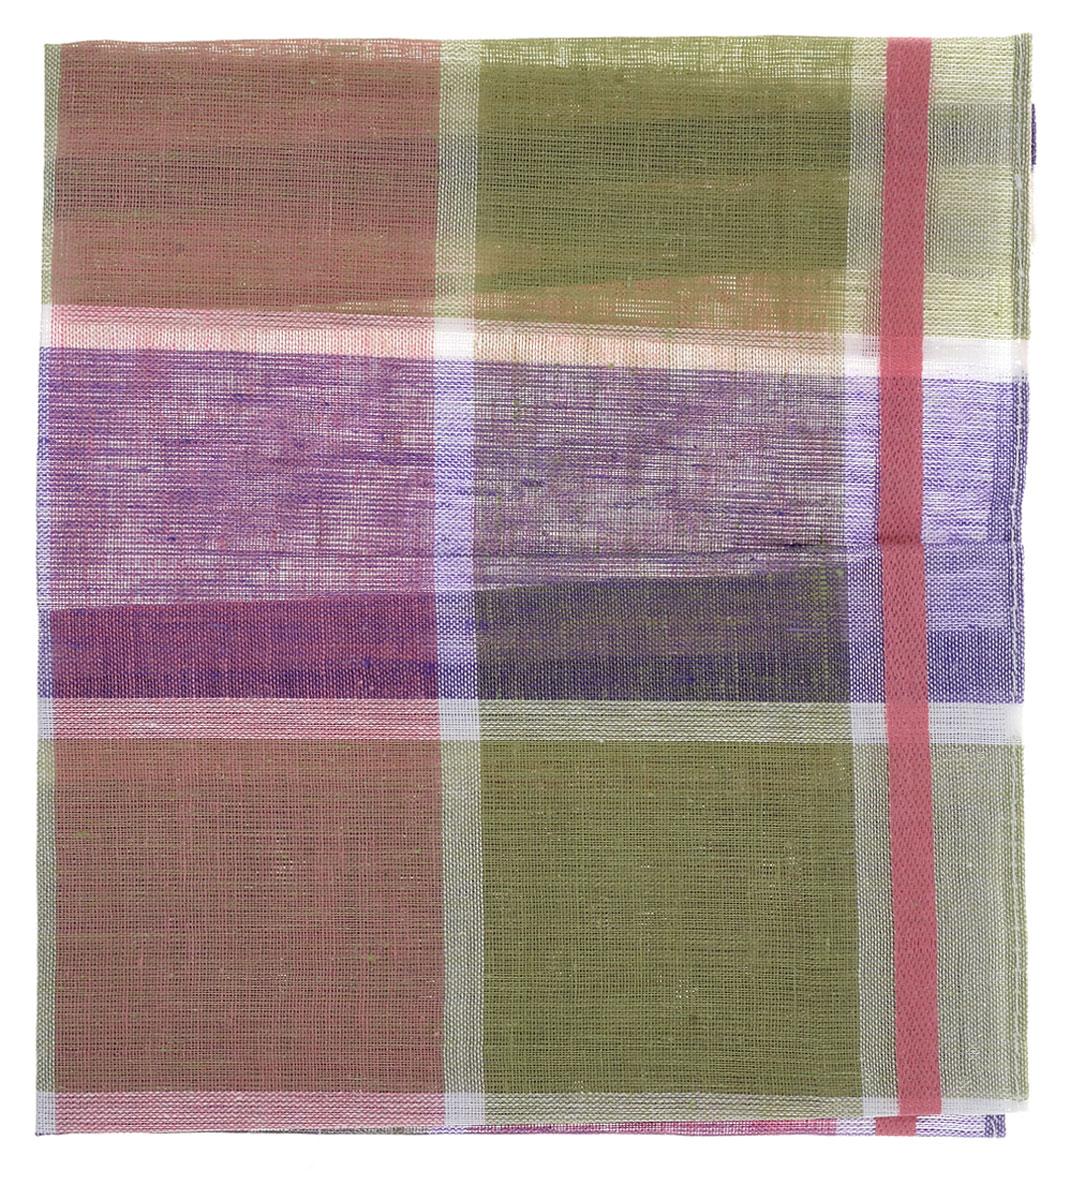 Платок носовой женский Zlata Korunka, цвет: фиолетовый, зеленый, розовый. 45471. Размер 27 см х 28 см45471_фиолетовый, зеленый, сиреневыйЖенский носовой платок Zlata Korunka, изготовленный из натурального хлопка, приятен в использовании и отлично впитывает влагу. Материал не садится и хорошо стирается. Модель оформлена принтом в клетку.